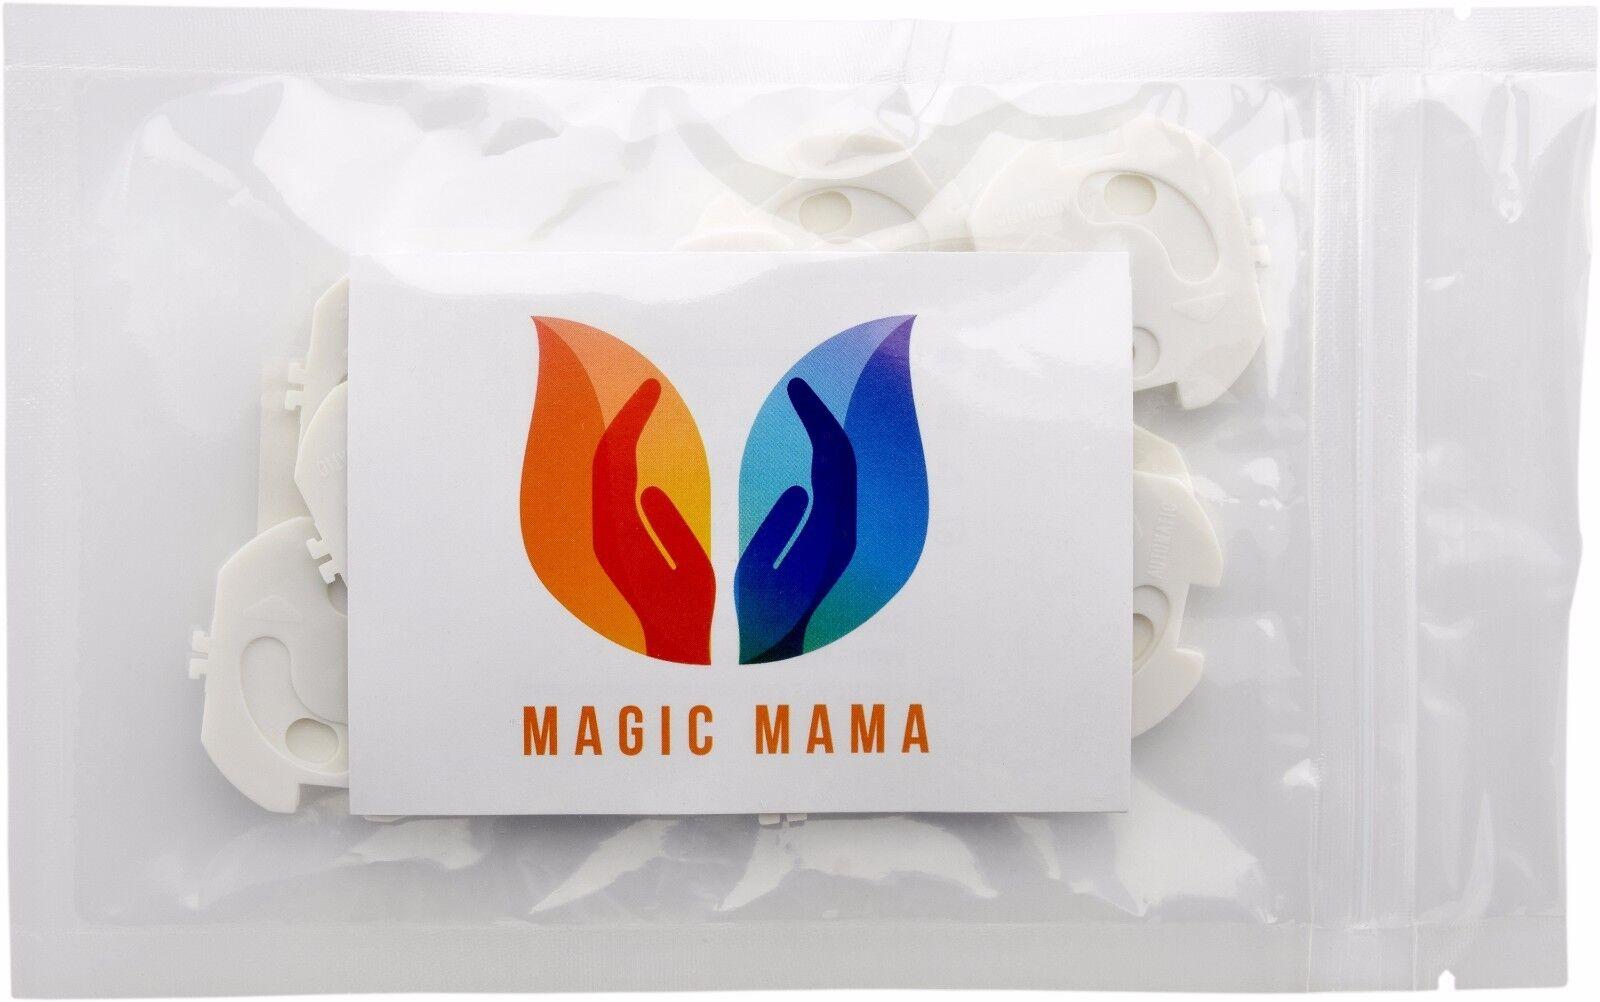 DOPPELT SICHER Magic Mama Steckdosensicherung zum KLEBEN UND KLEMMEN